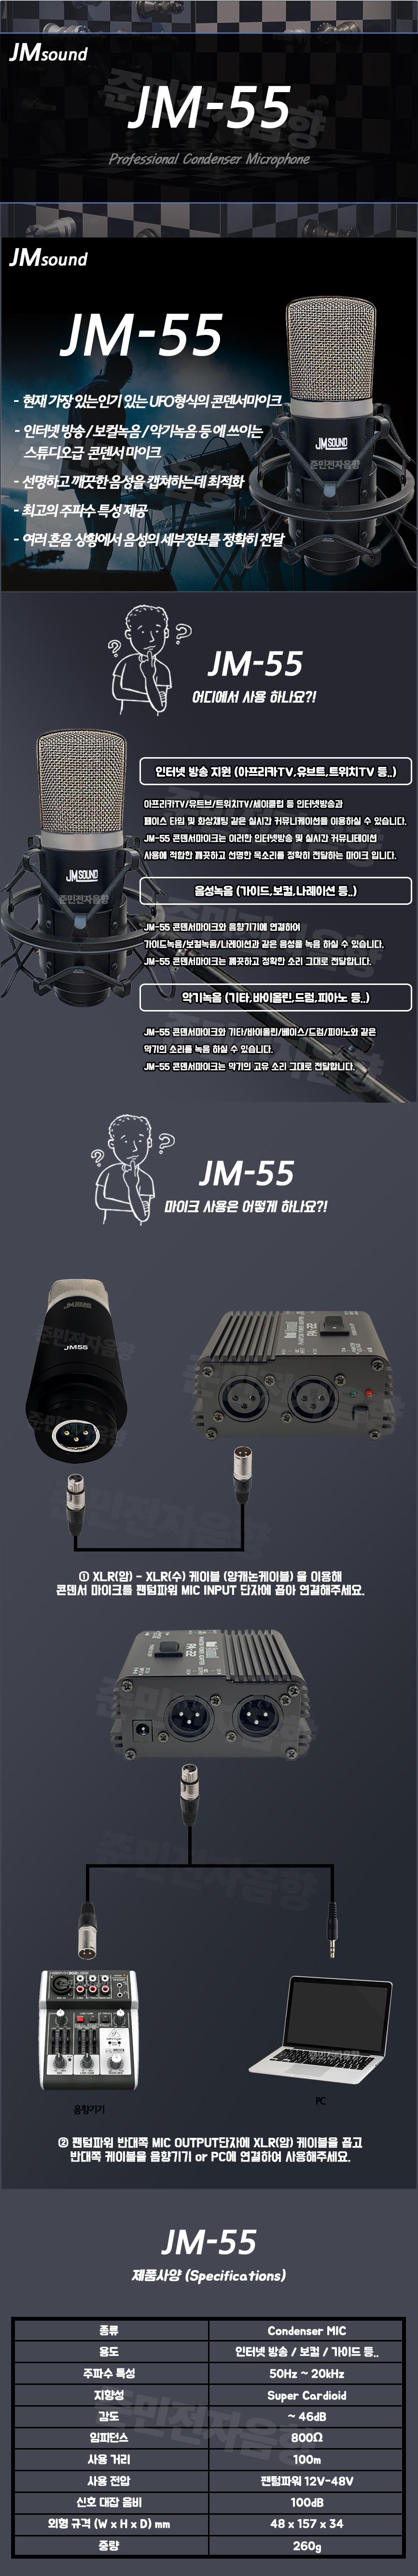 JM-55-JM-0624.jpg